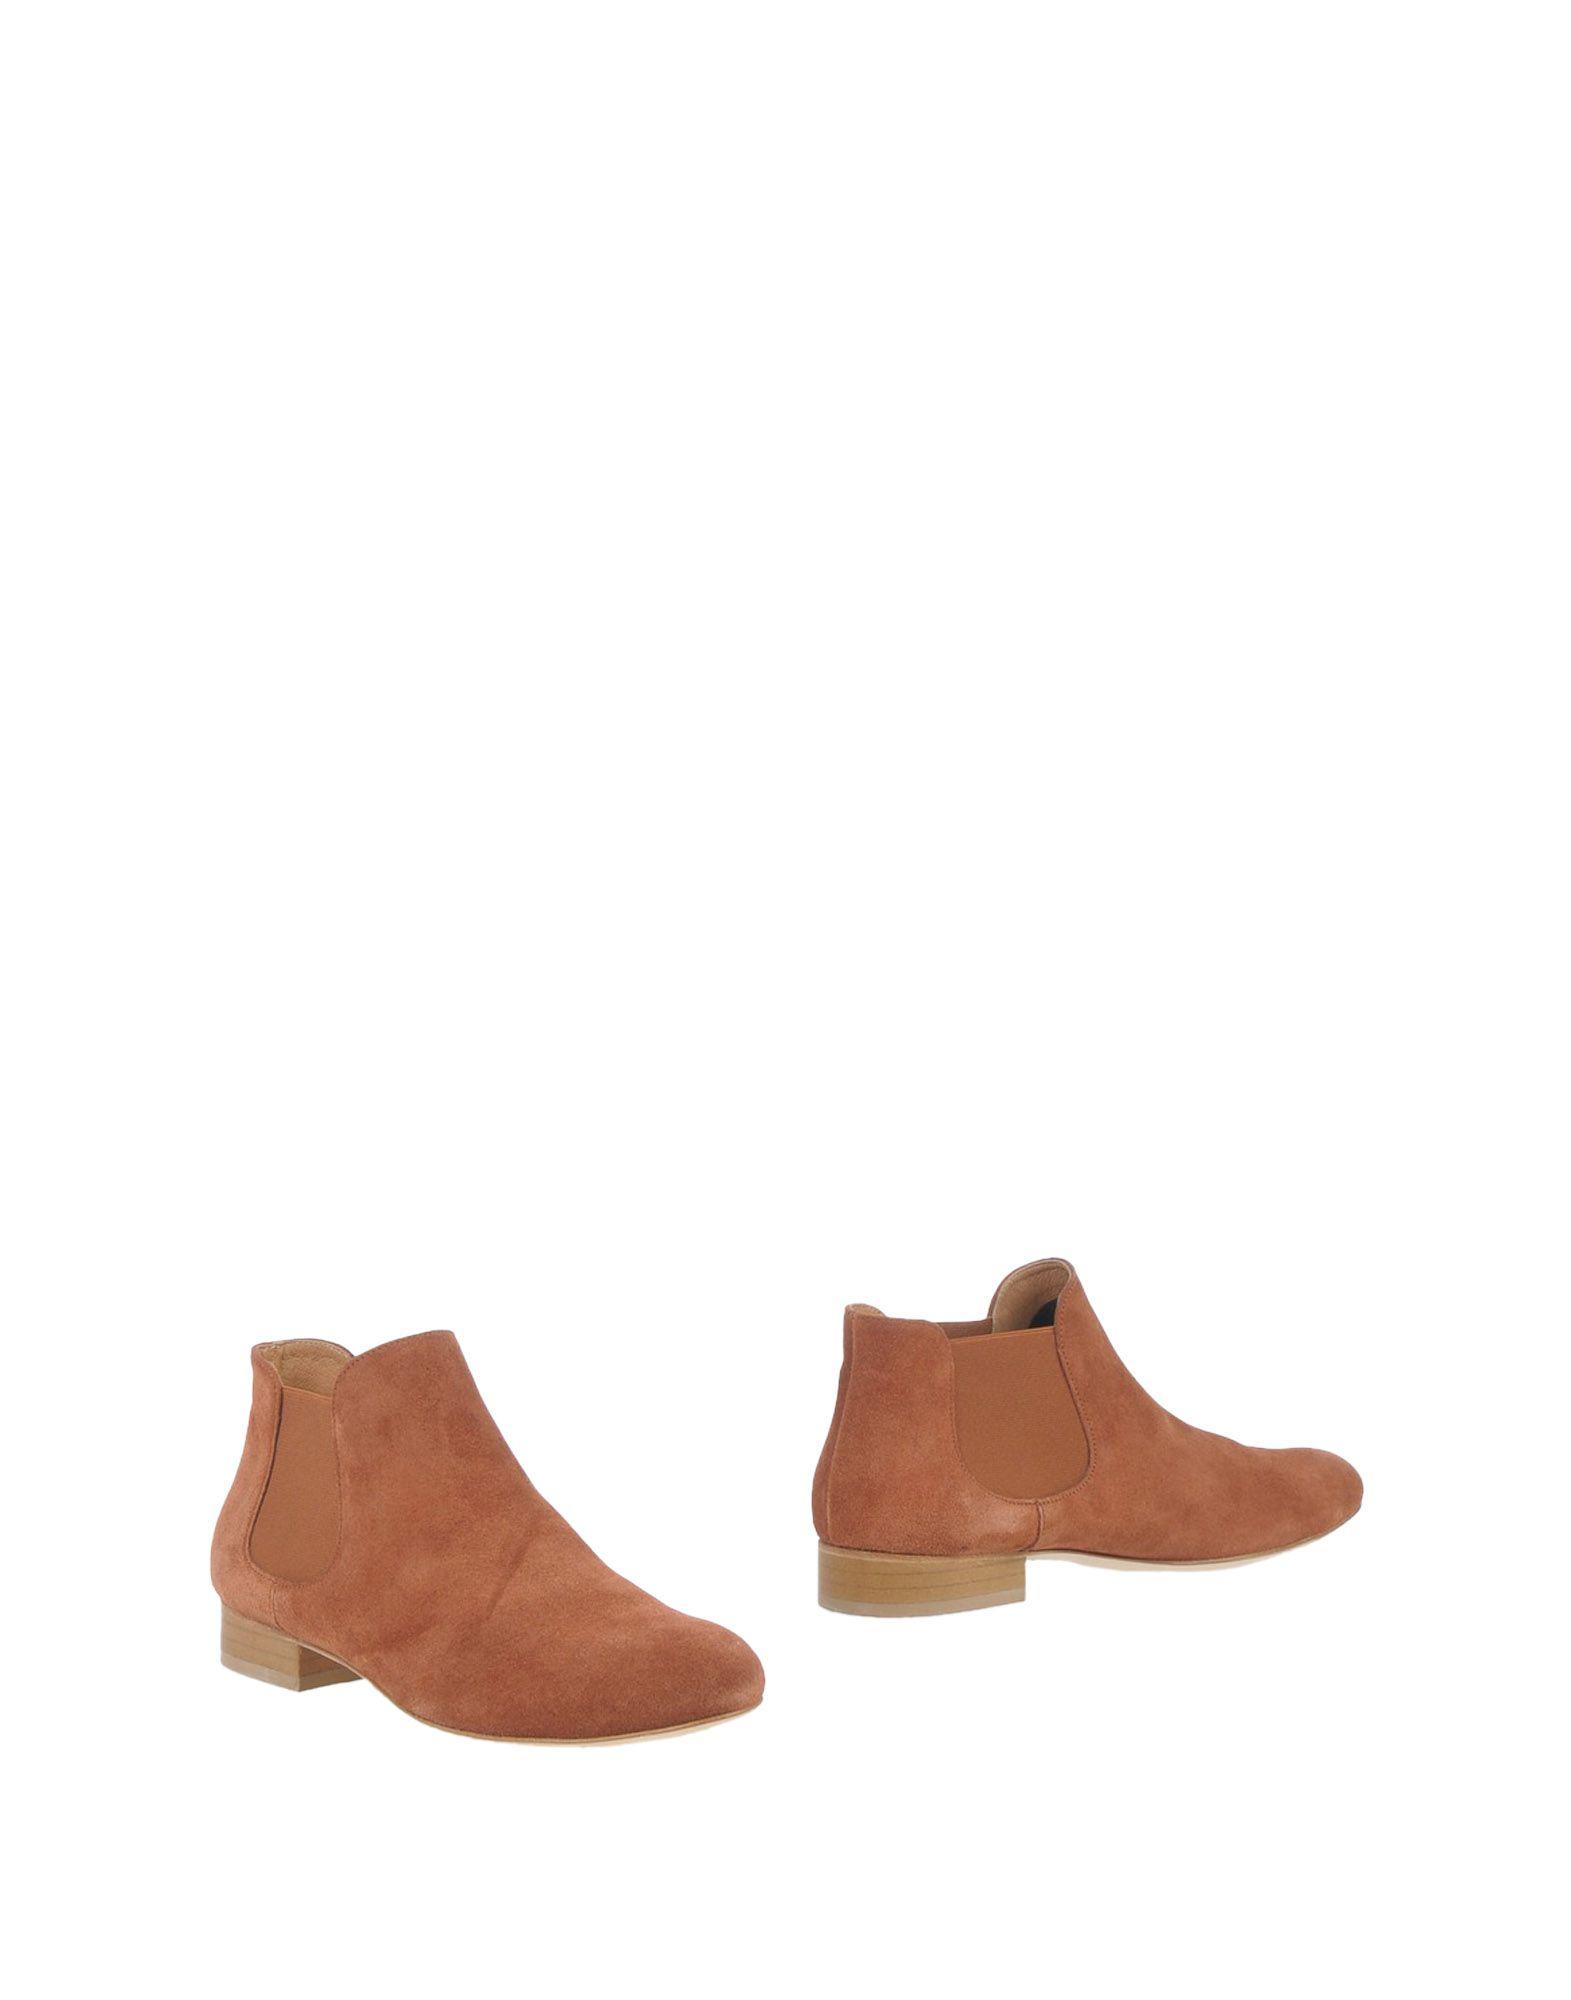 SESSUN Полусапоги и высокие ботинки magazzini del sale полусапоги и высокие ботинки